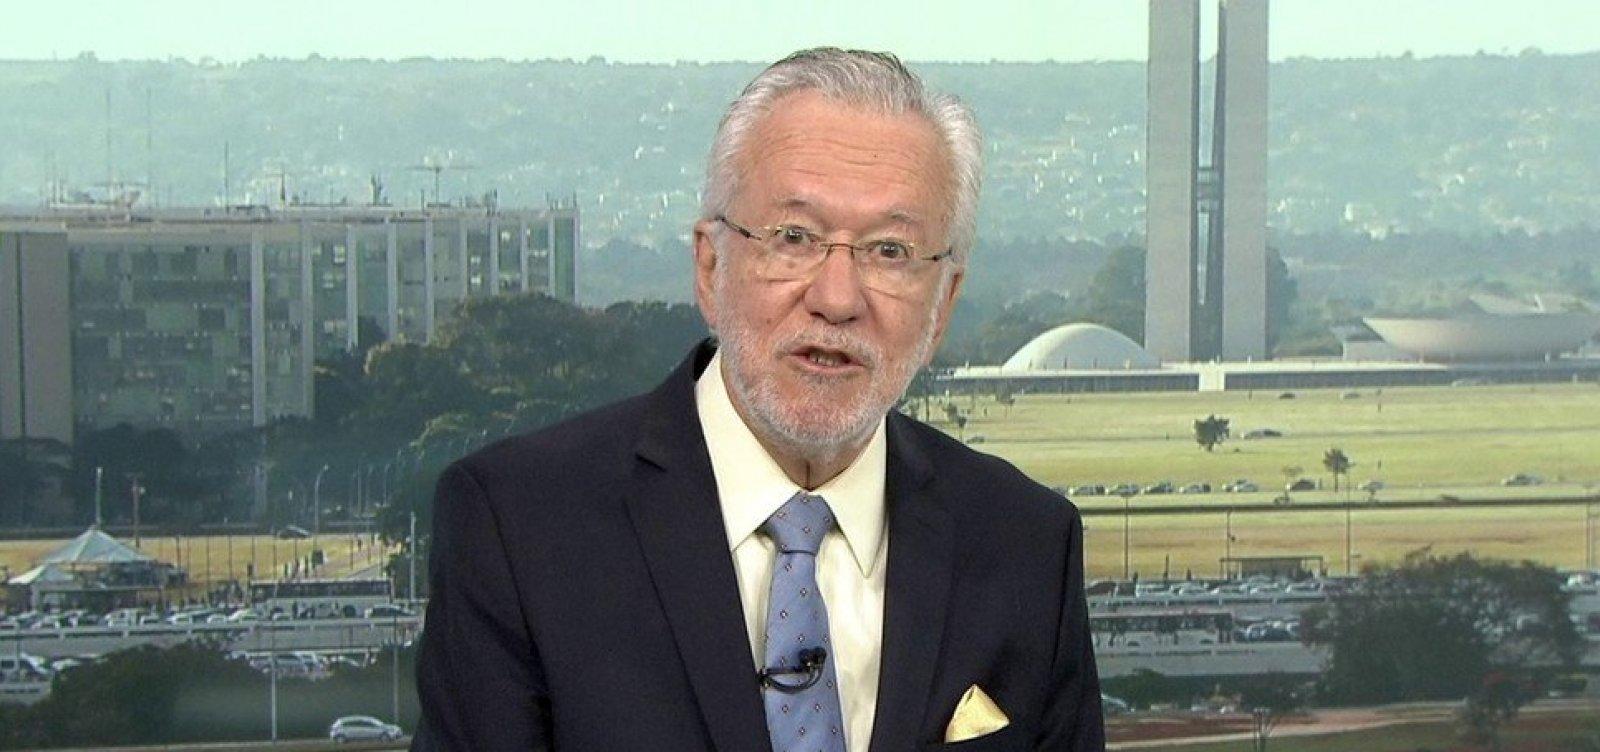 [Alexandre Garcia é indicado para assumir a comunicação do governo Bolsonaro, diz jornal]